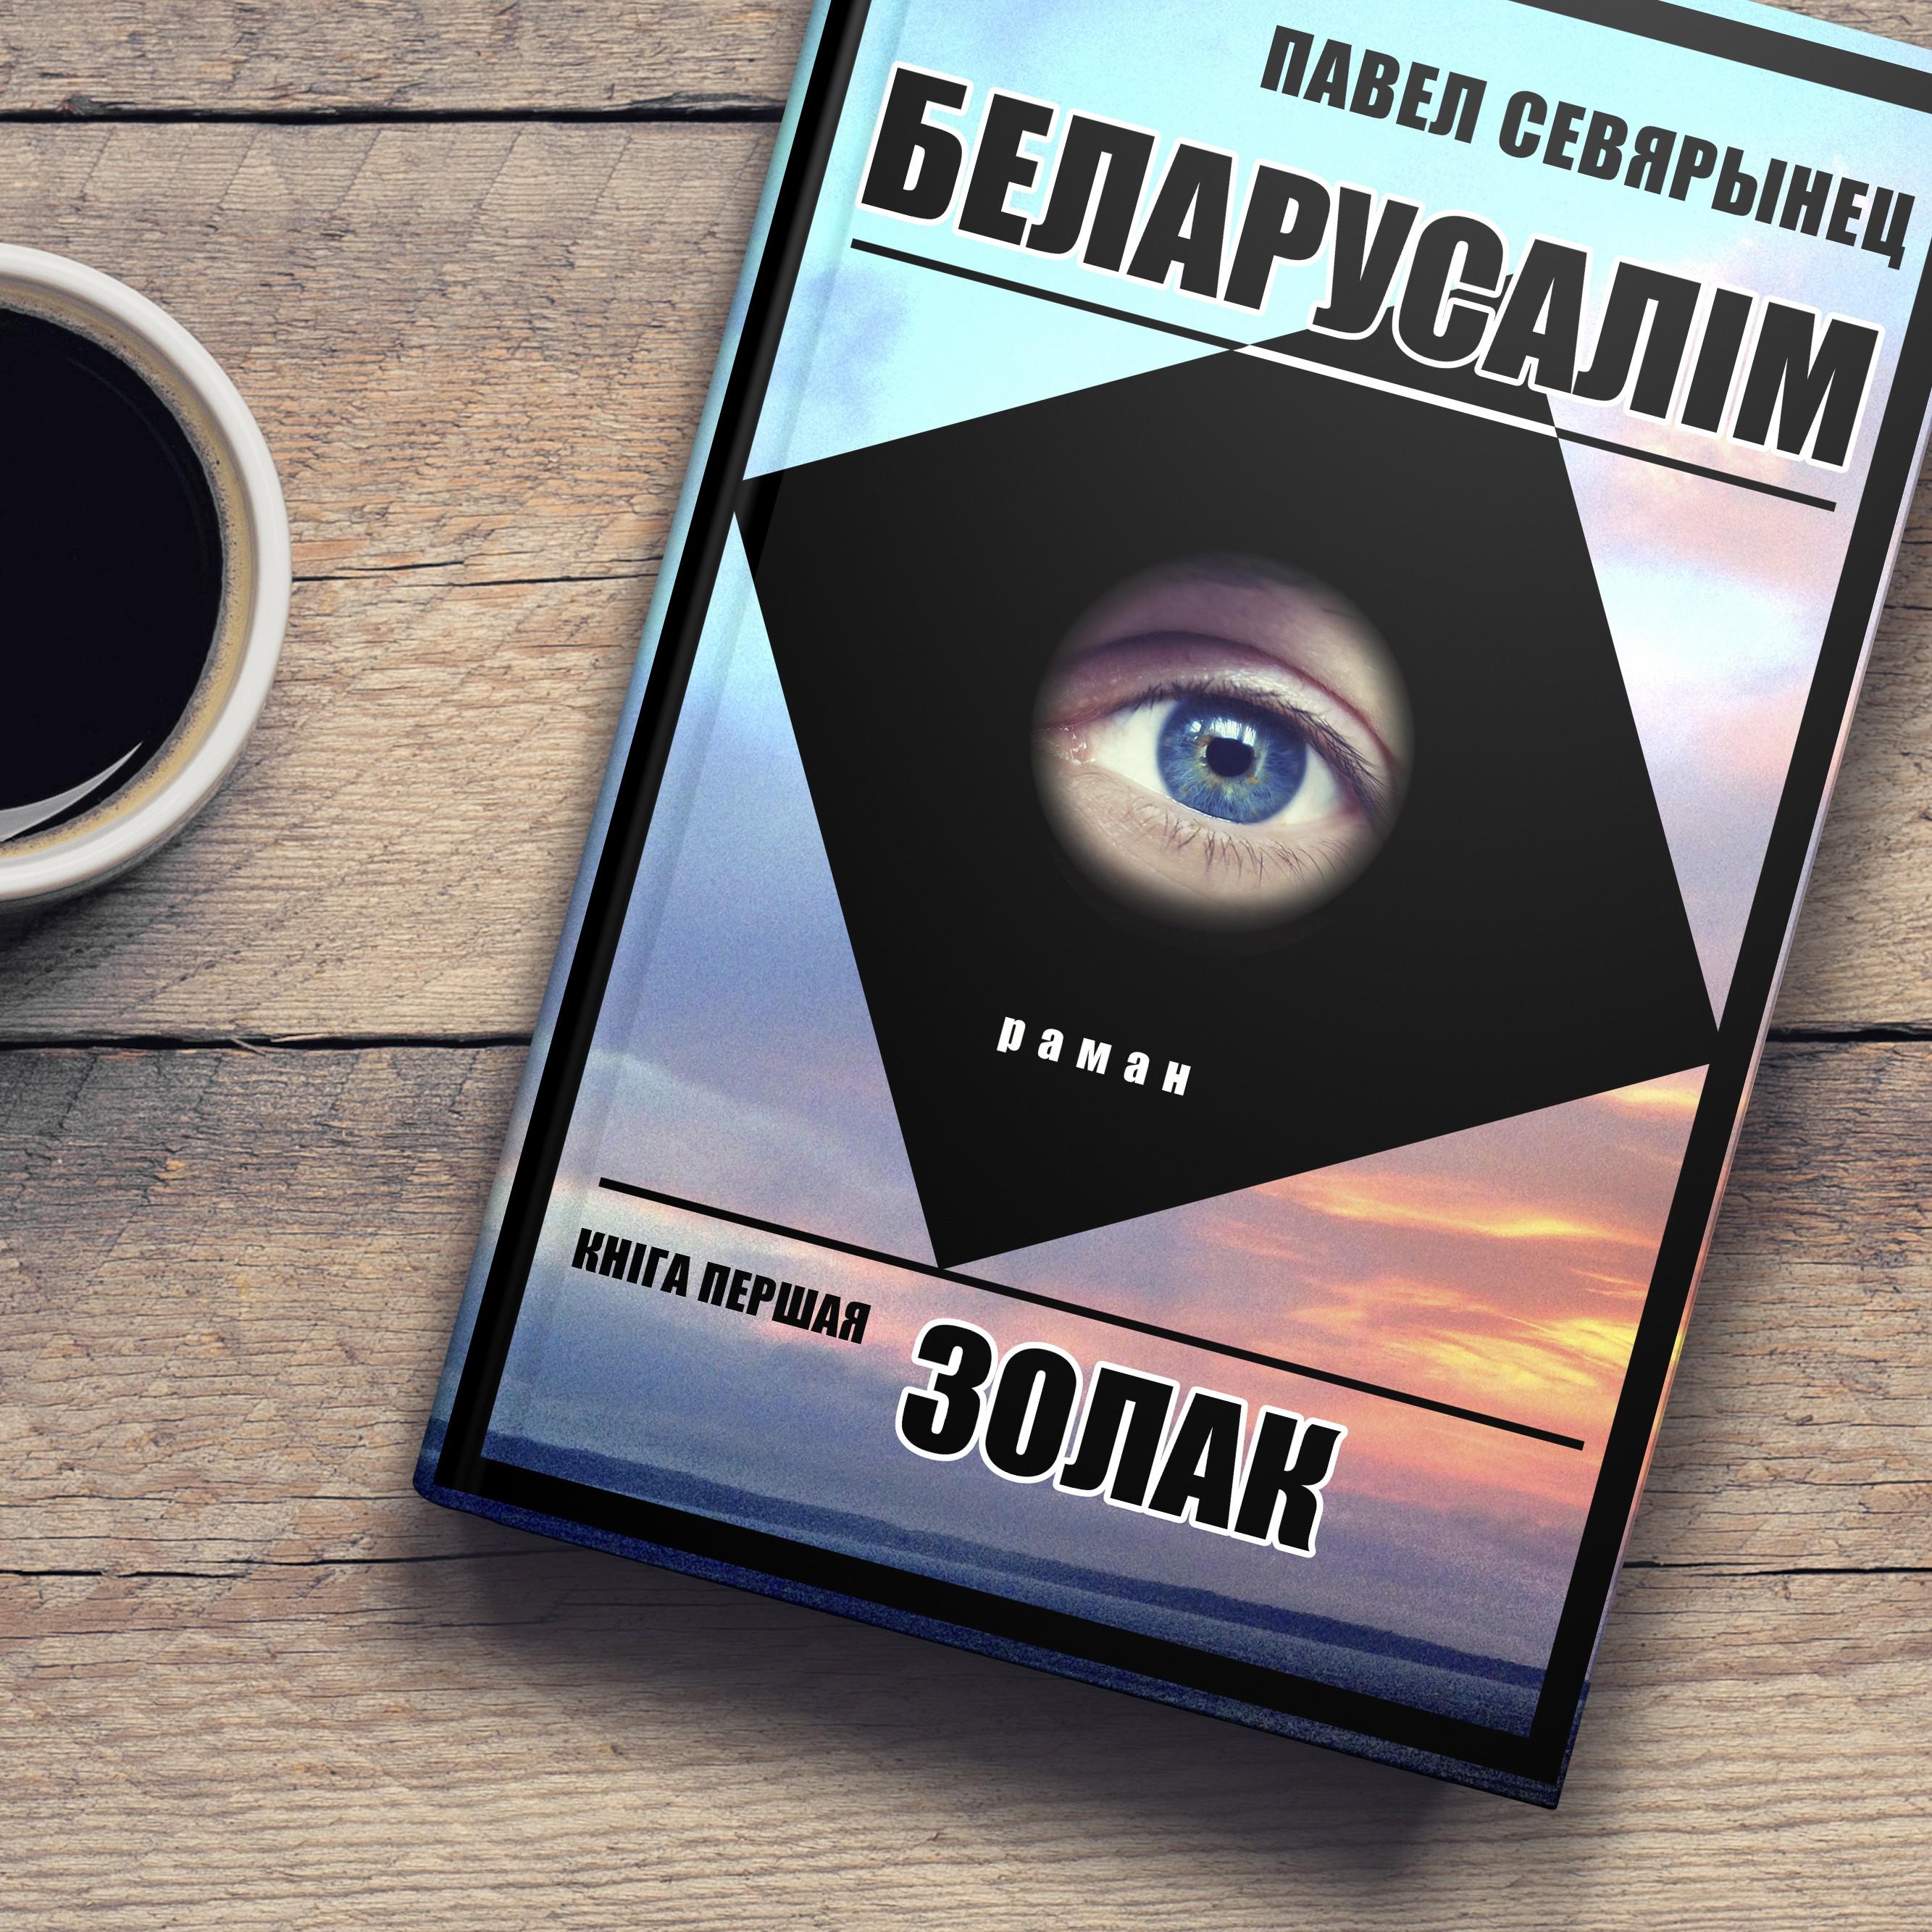 Павел Севярынец «Беларусалім. Золак» 1 частка